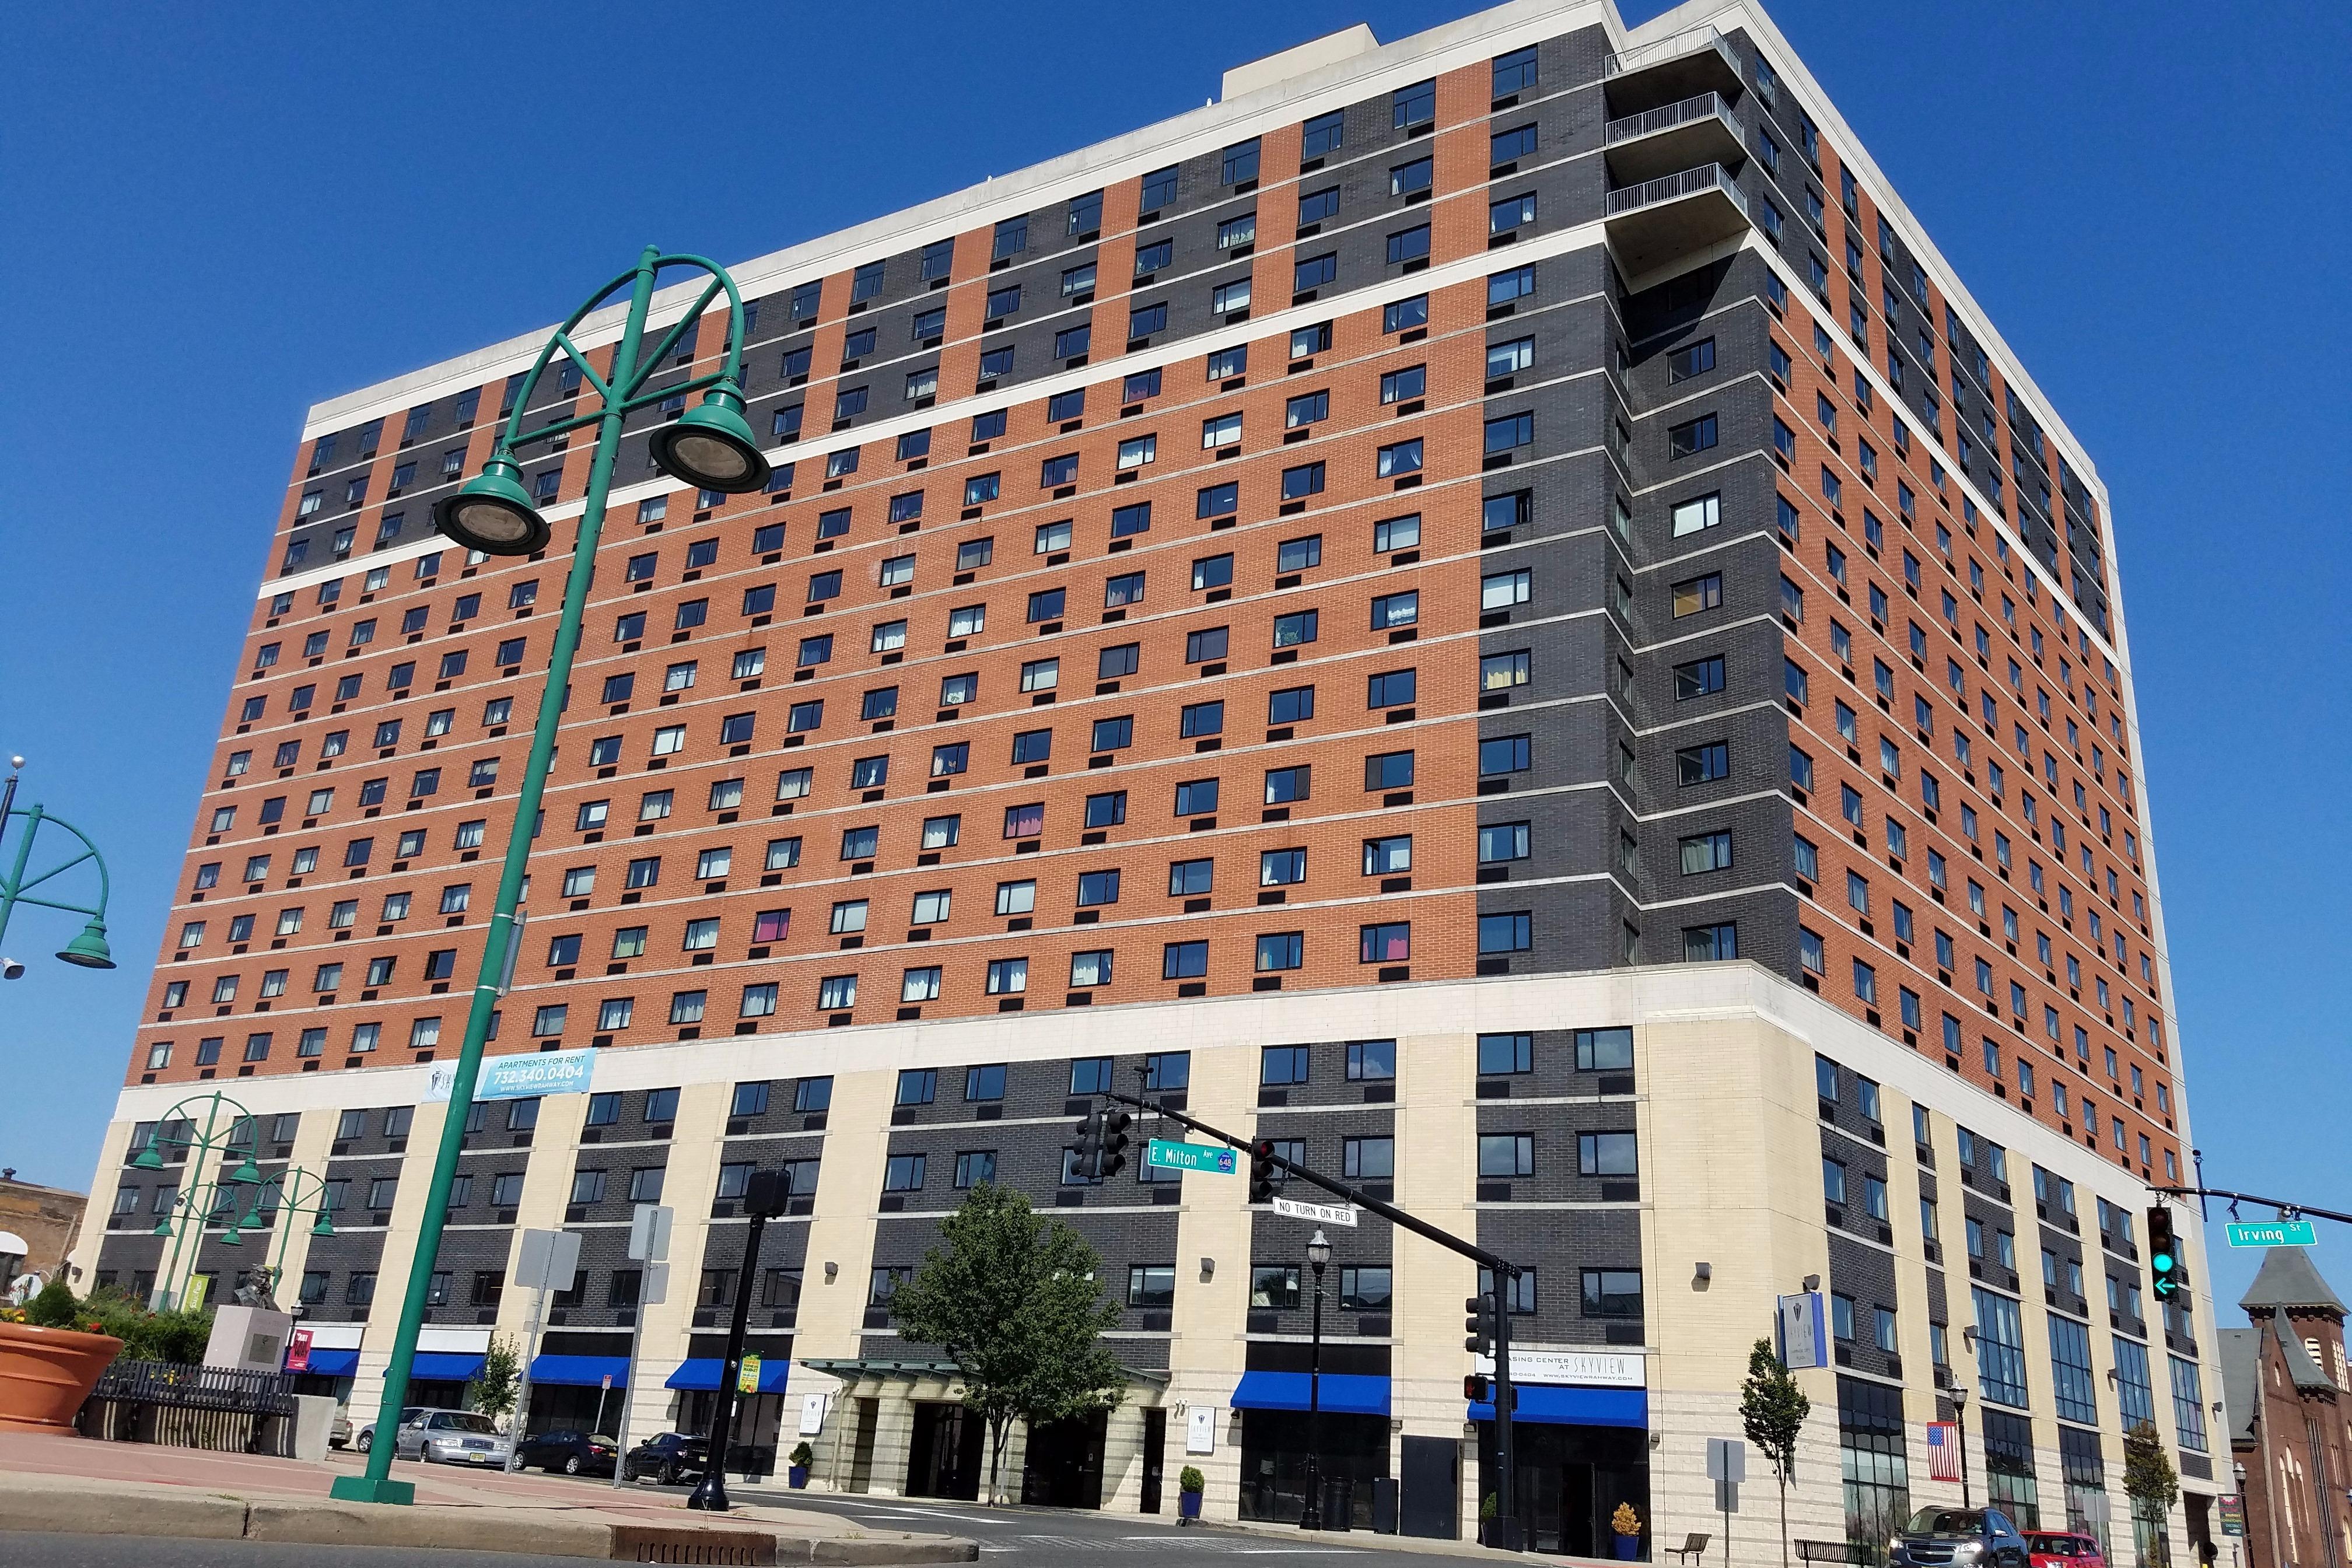 Hotel in NJ Rahway 07065 Watt Hotel 1403 Irving Street  (732)515-5505